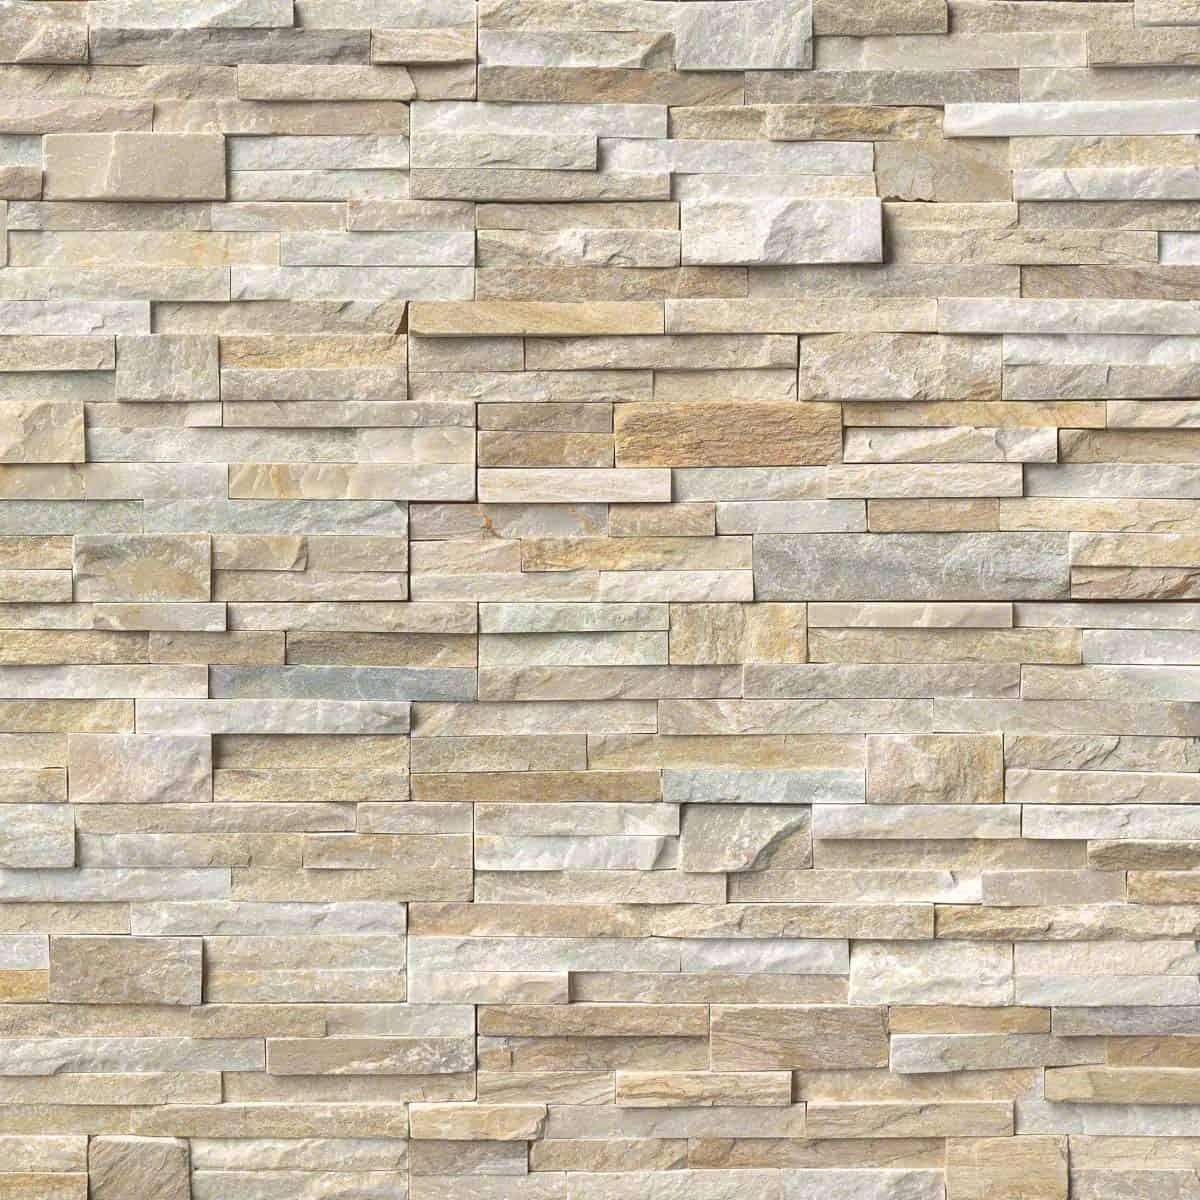 Golden Honey Splitface Stoneyard Slate Wall Tiles Stacked Stone Panels Stone Panels